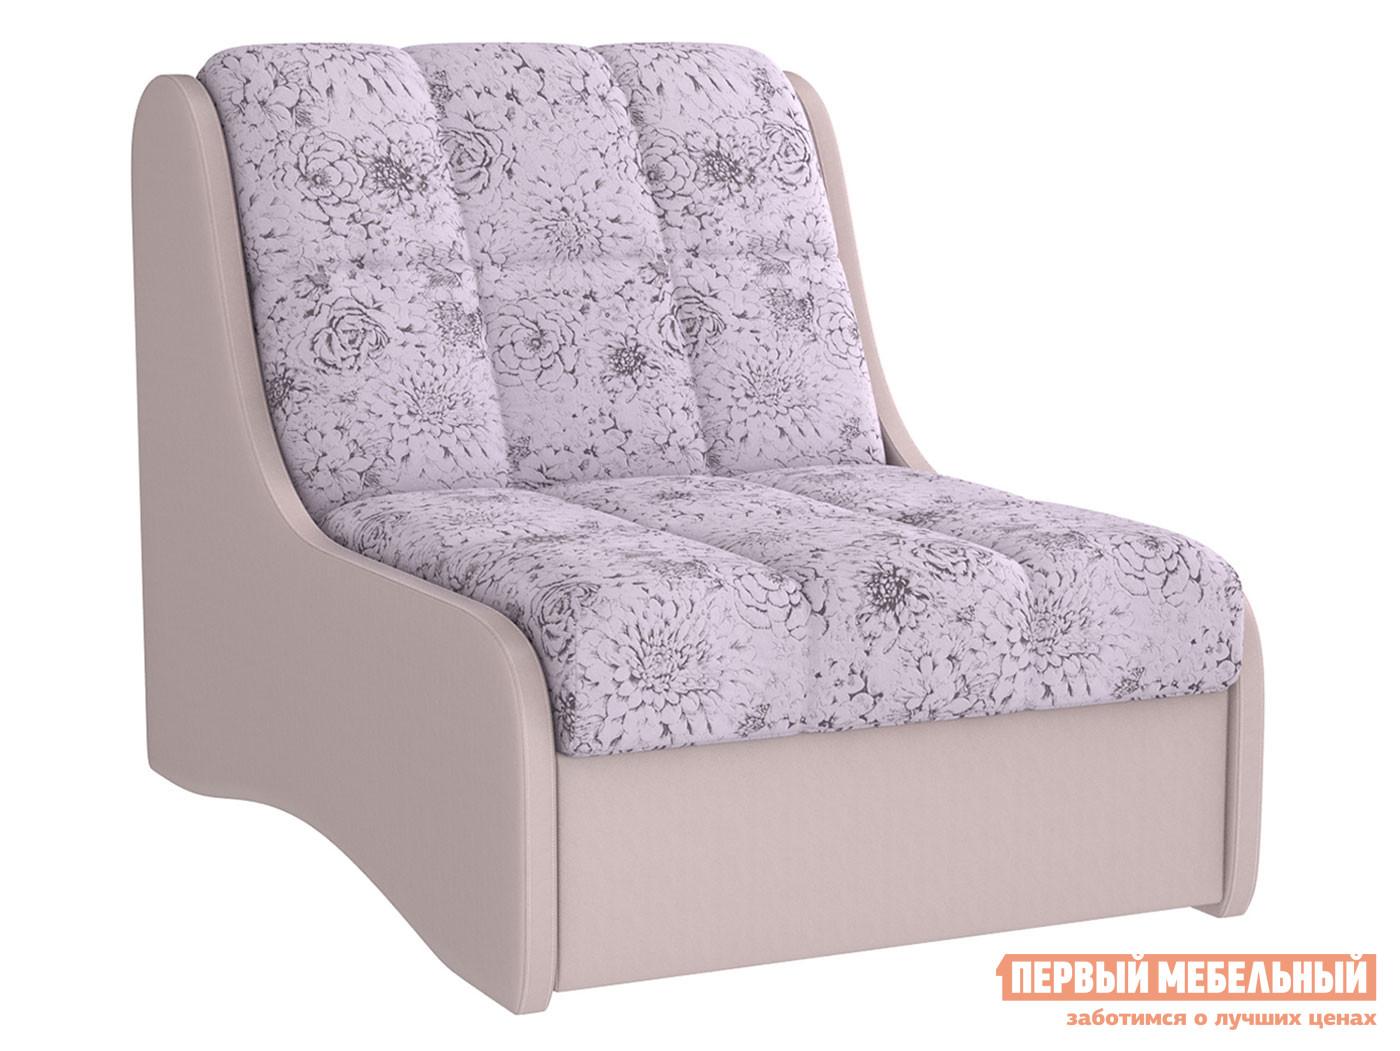 Кресло Первый Мебельный Кресло-кровать Токио / Кресло-кровать Токио Люкс